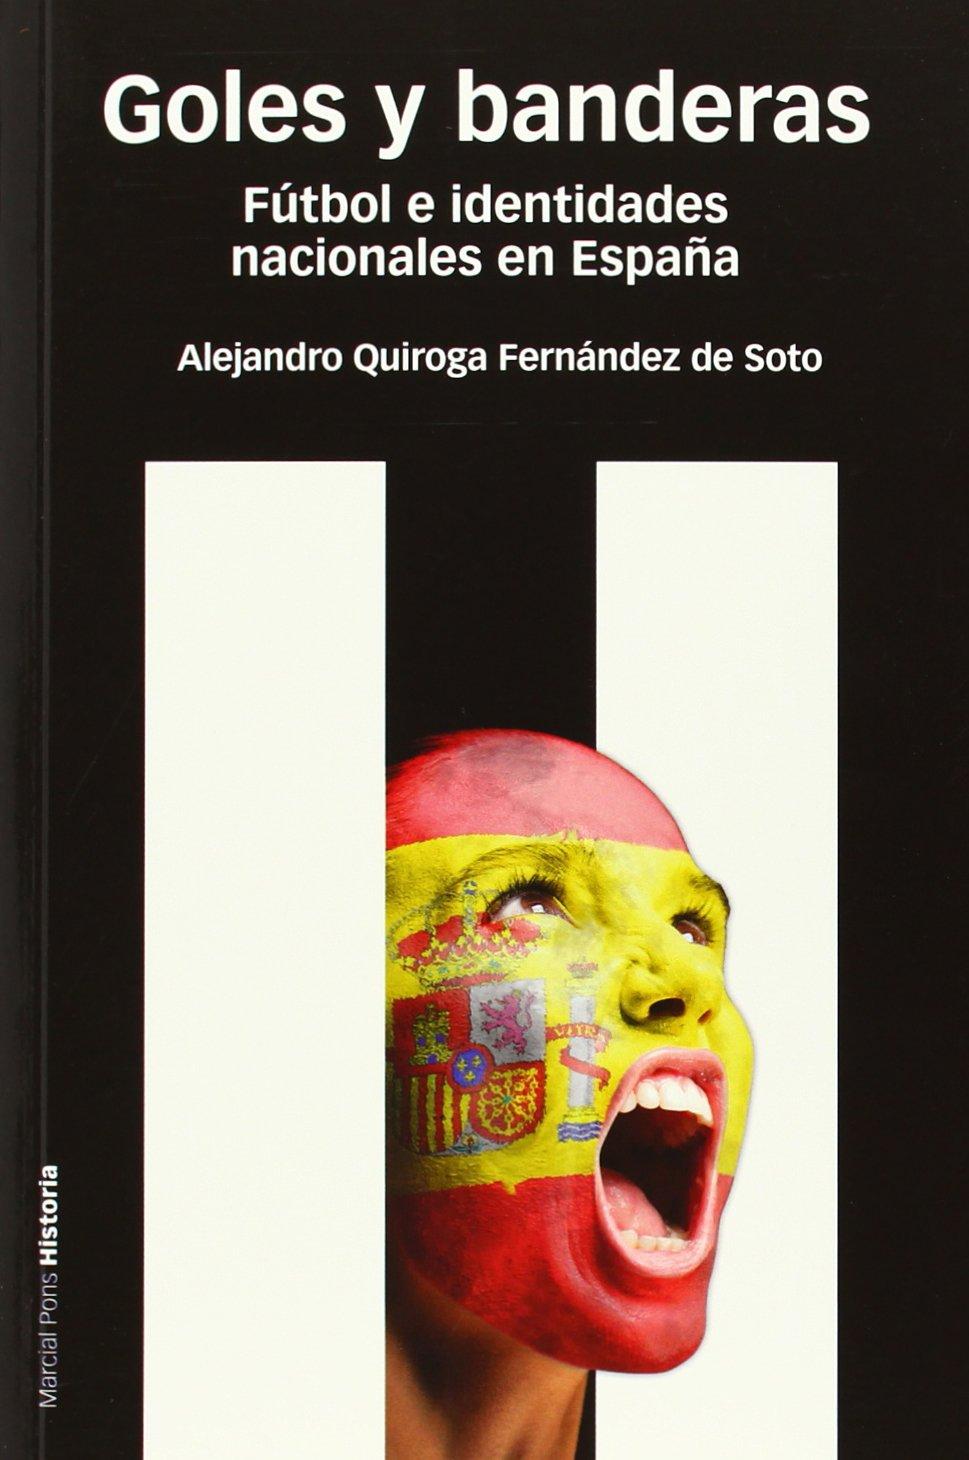 GOLES Y BANDERAS: Fútbol e identidades nacionales en España Estudios: Amazon.es: Quiroga Fernández de Soto, Alejandro: Libros